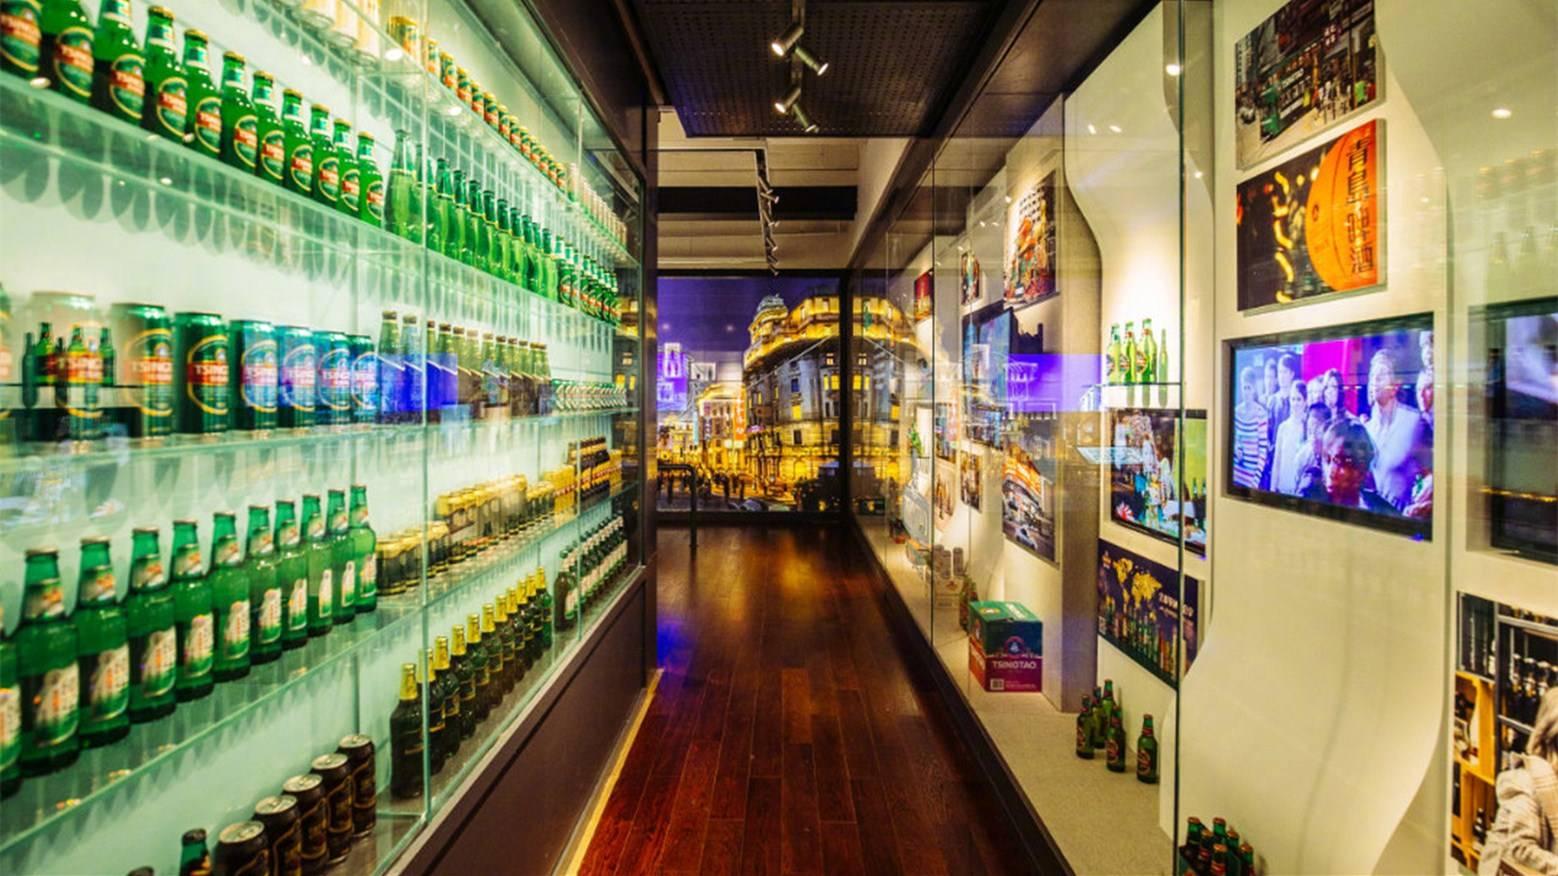 为收购雀巢中国饮用水业务,青岛啤酒成立了新公司